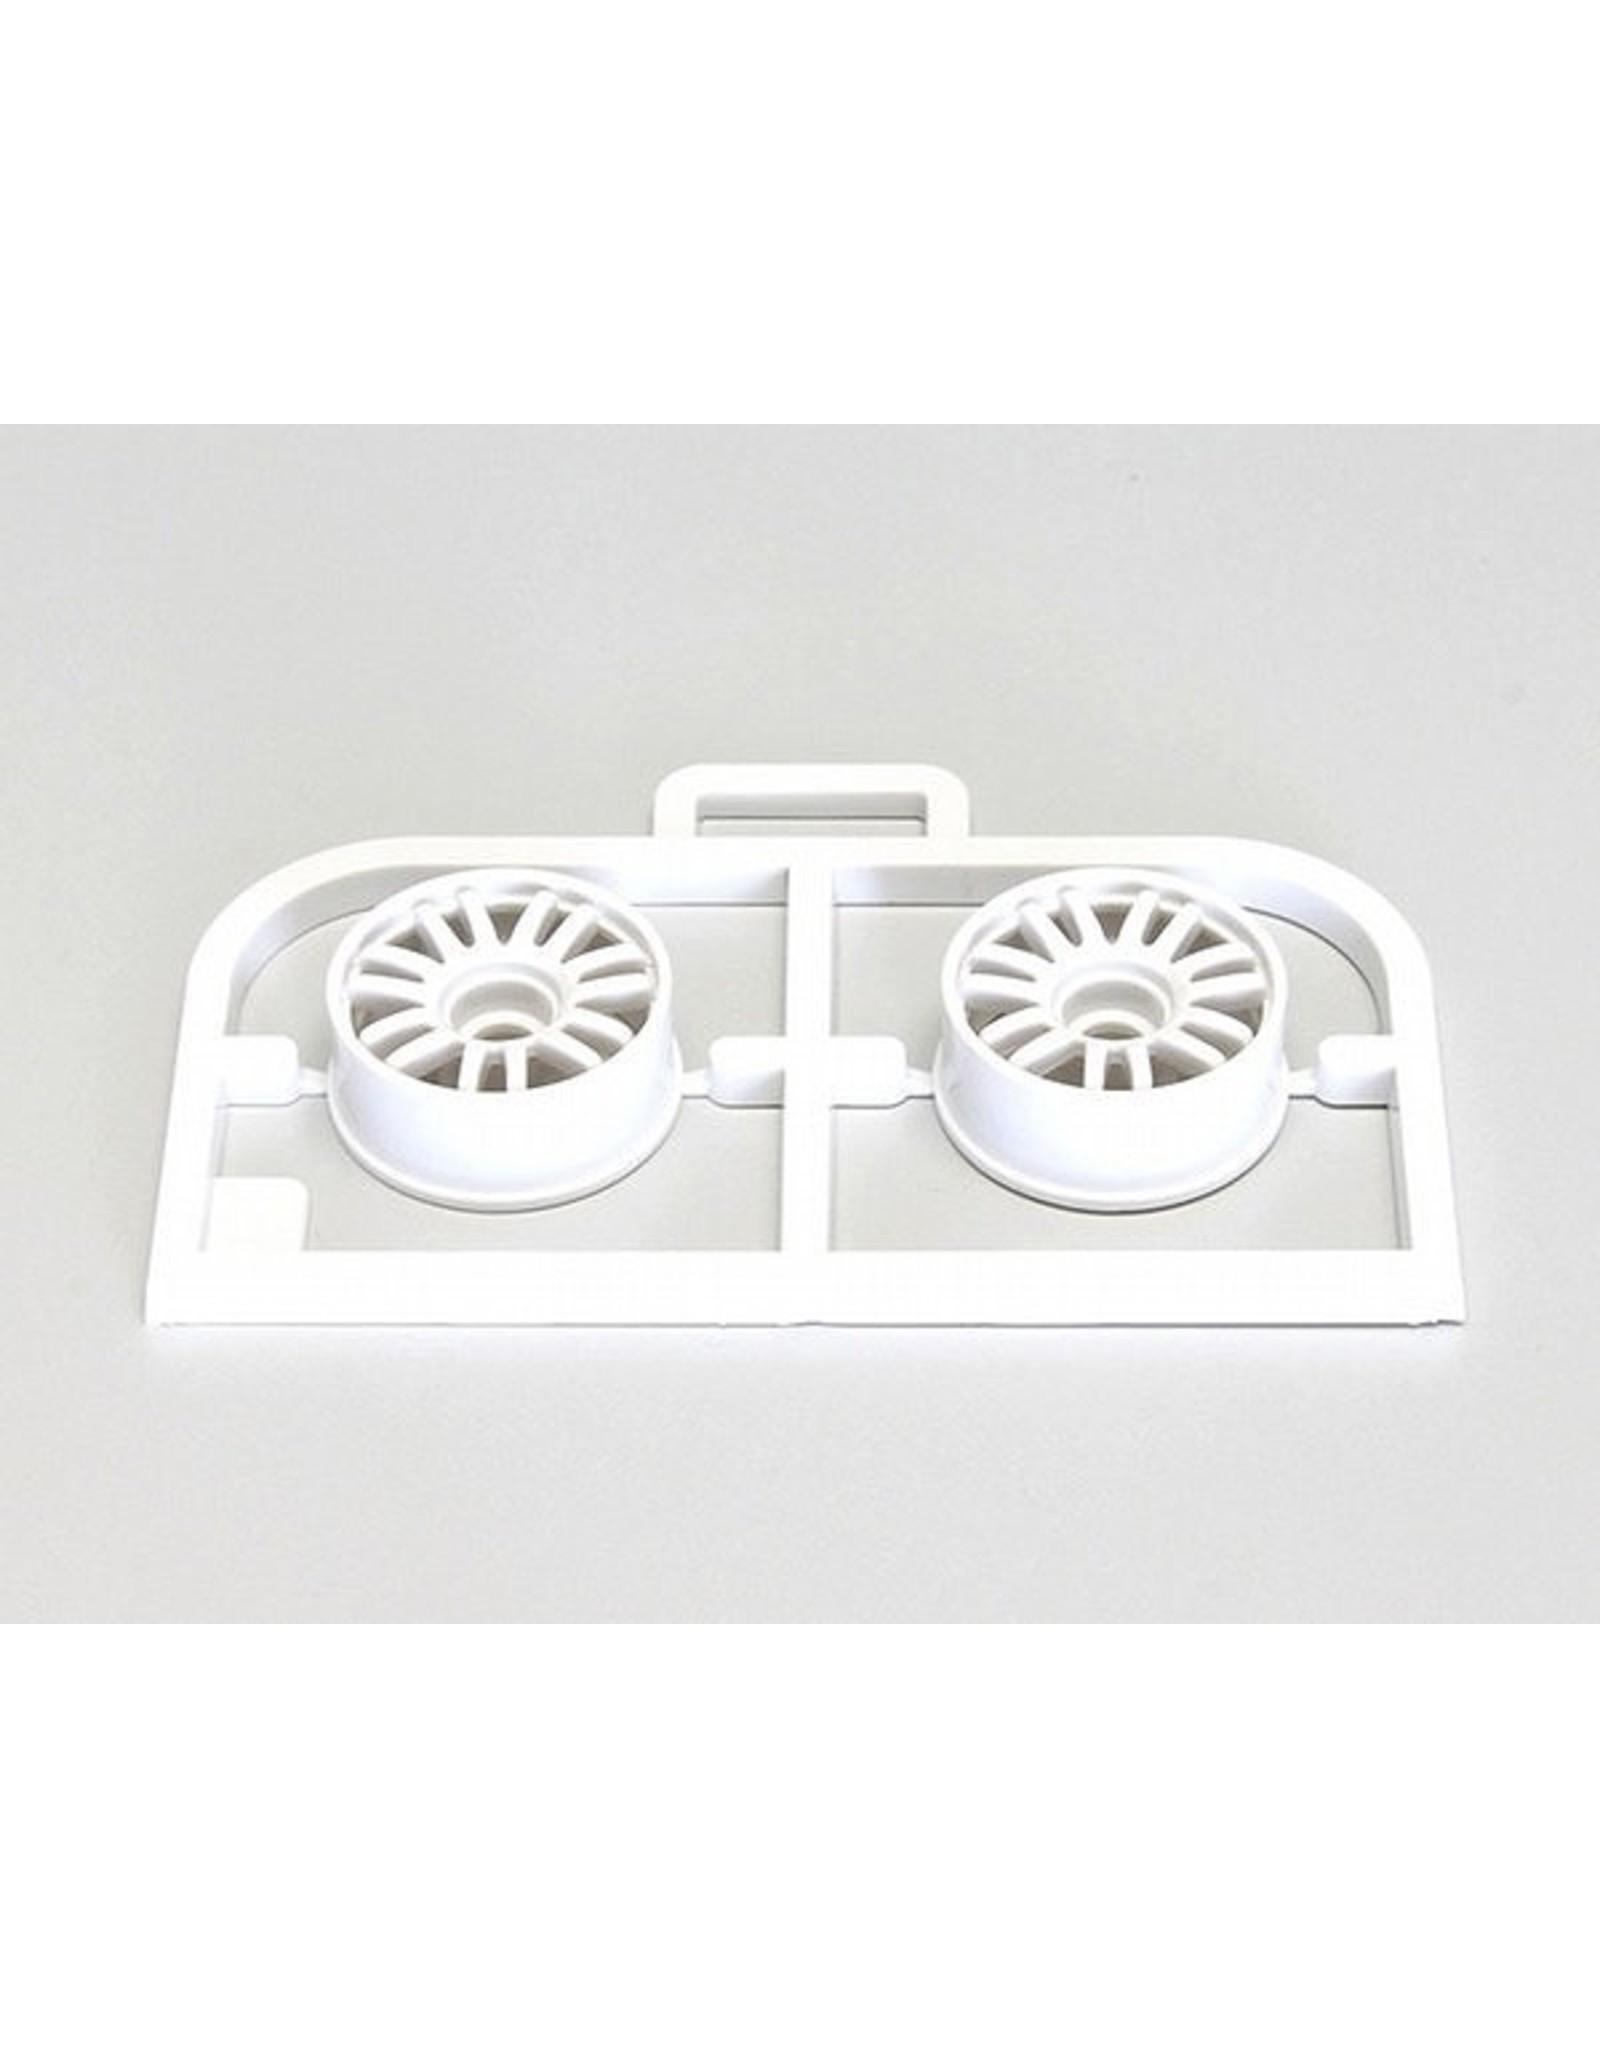 Kyosho Multi Wheel II N/Offset 0 (White/RE30/2pcs) (MZH131W-N0)